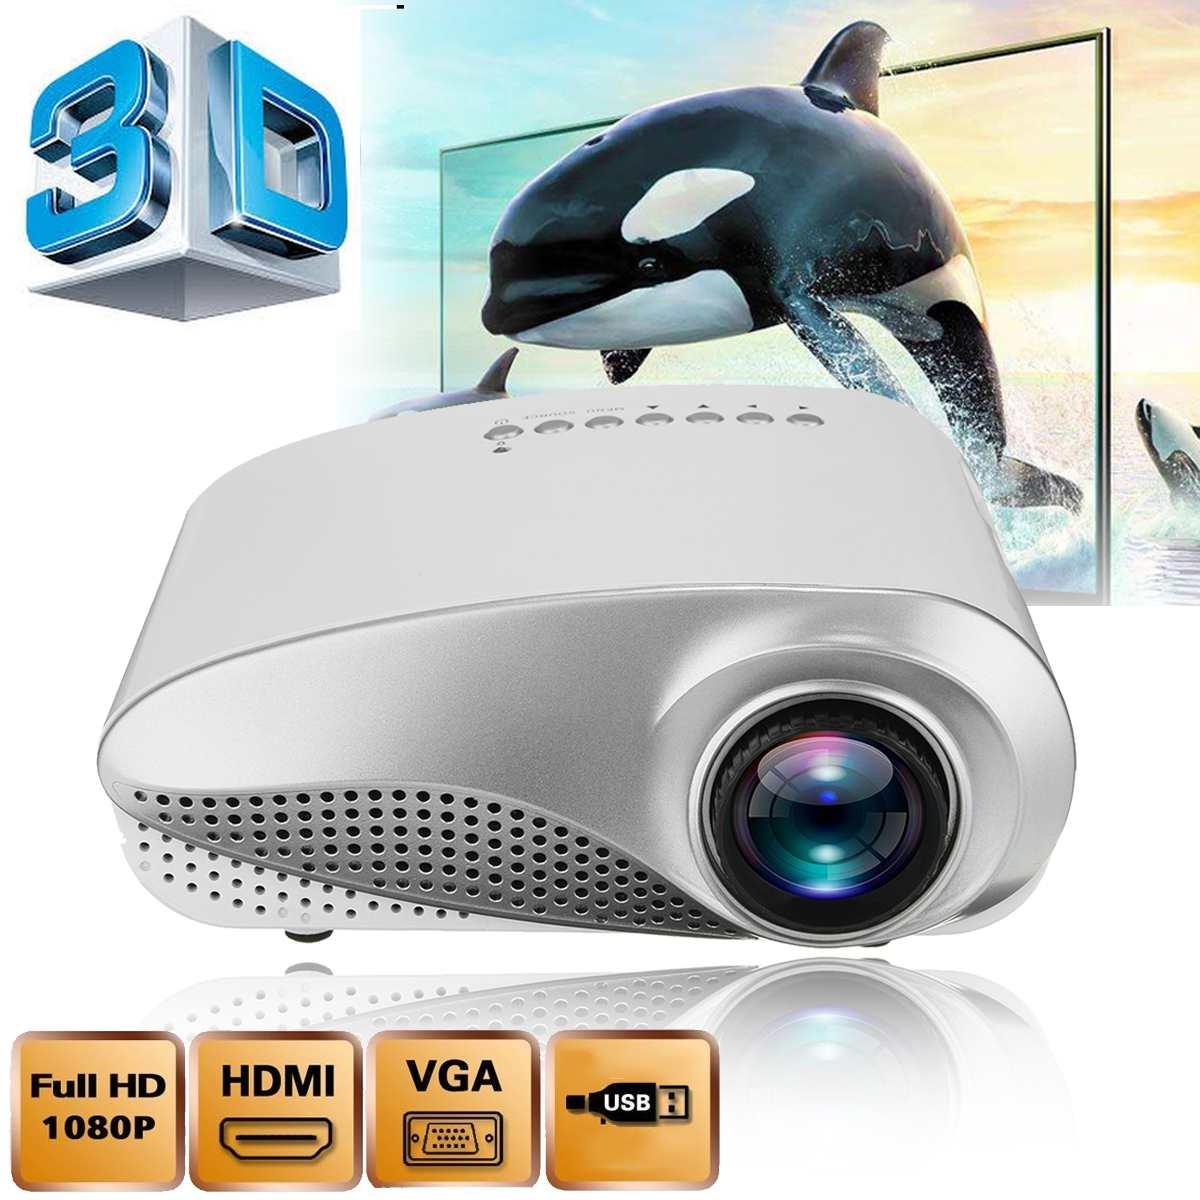 Nouveau Mini projecteur Full HD Portable 1080P 3D HD projecteur LED multimédia Home cinéma USB VGA HDMI TV pour le cinéma maison